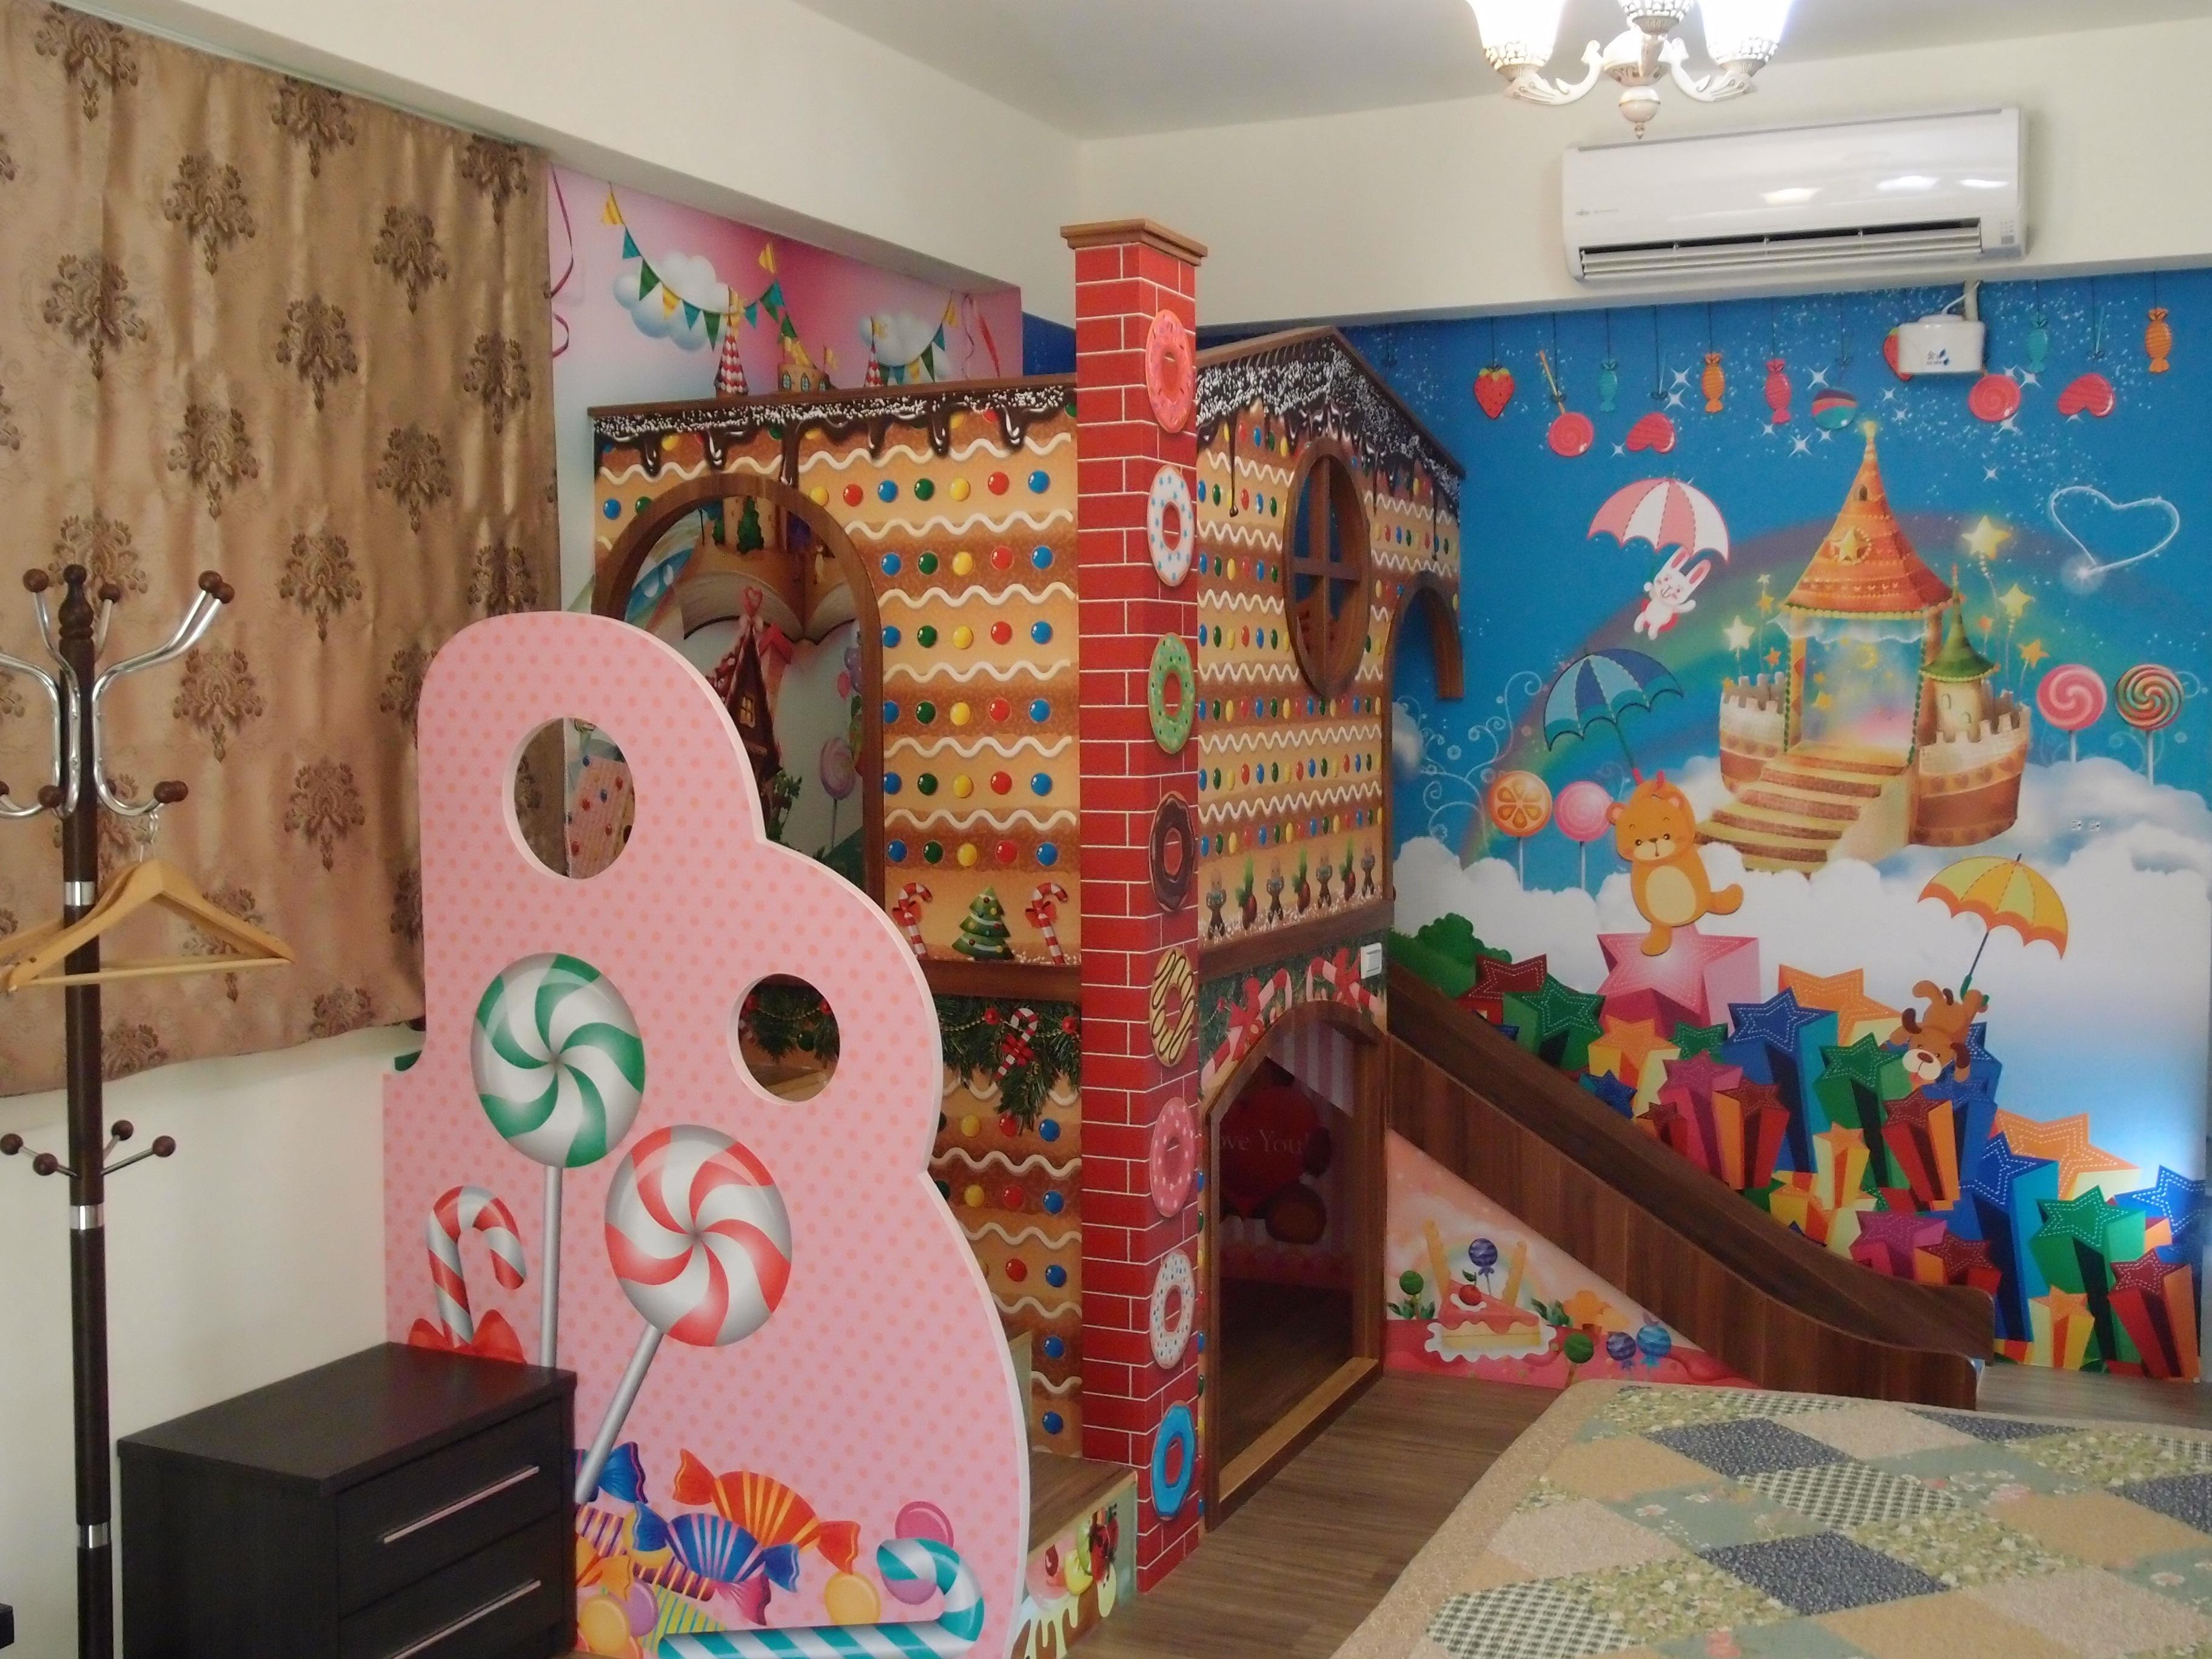 Gambar bermain kamar desain interior lukisan dinding for Mural untuk kanak kanak